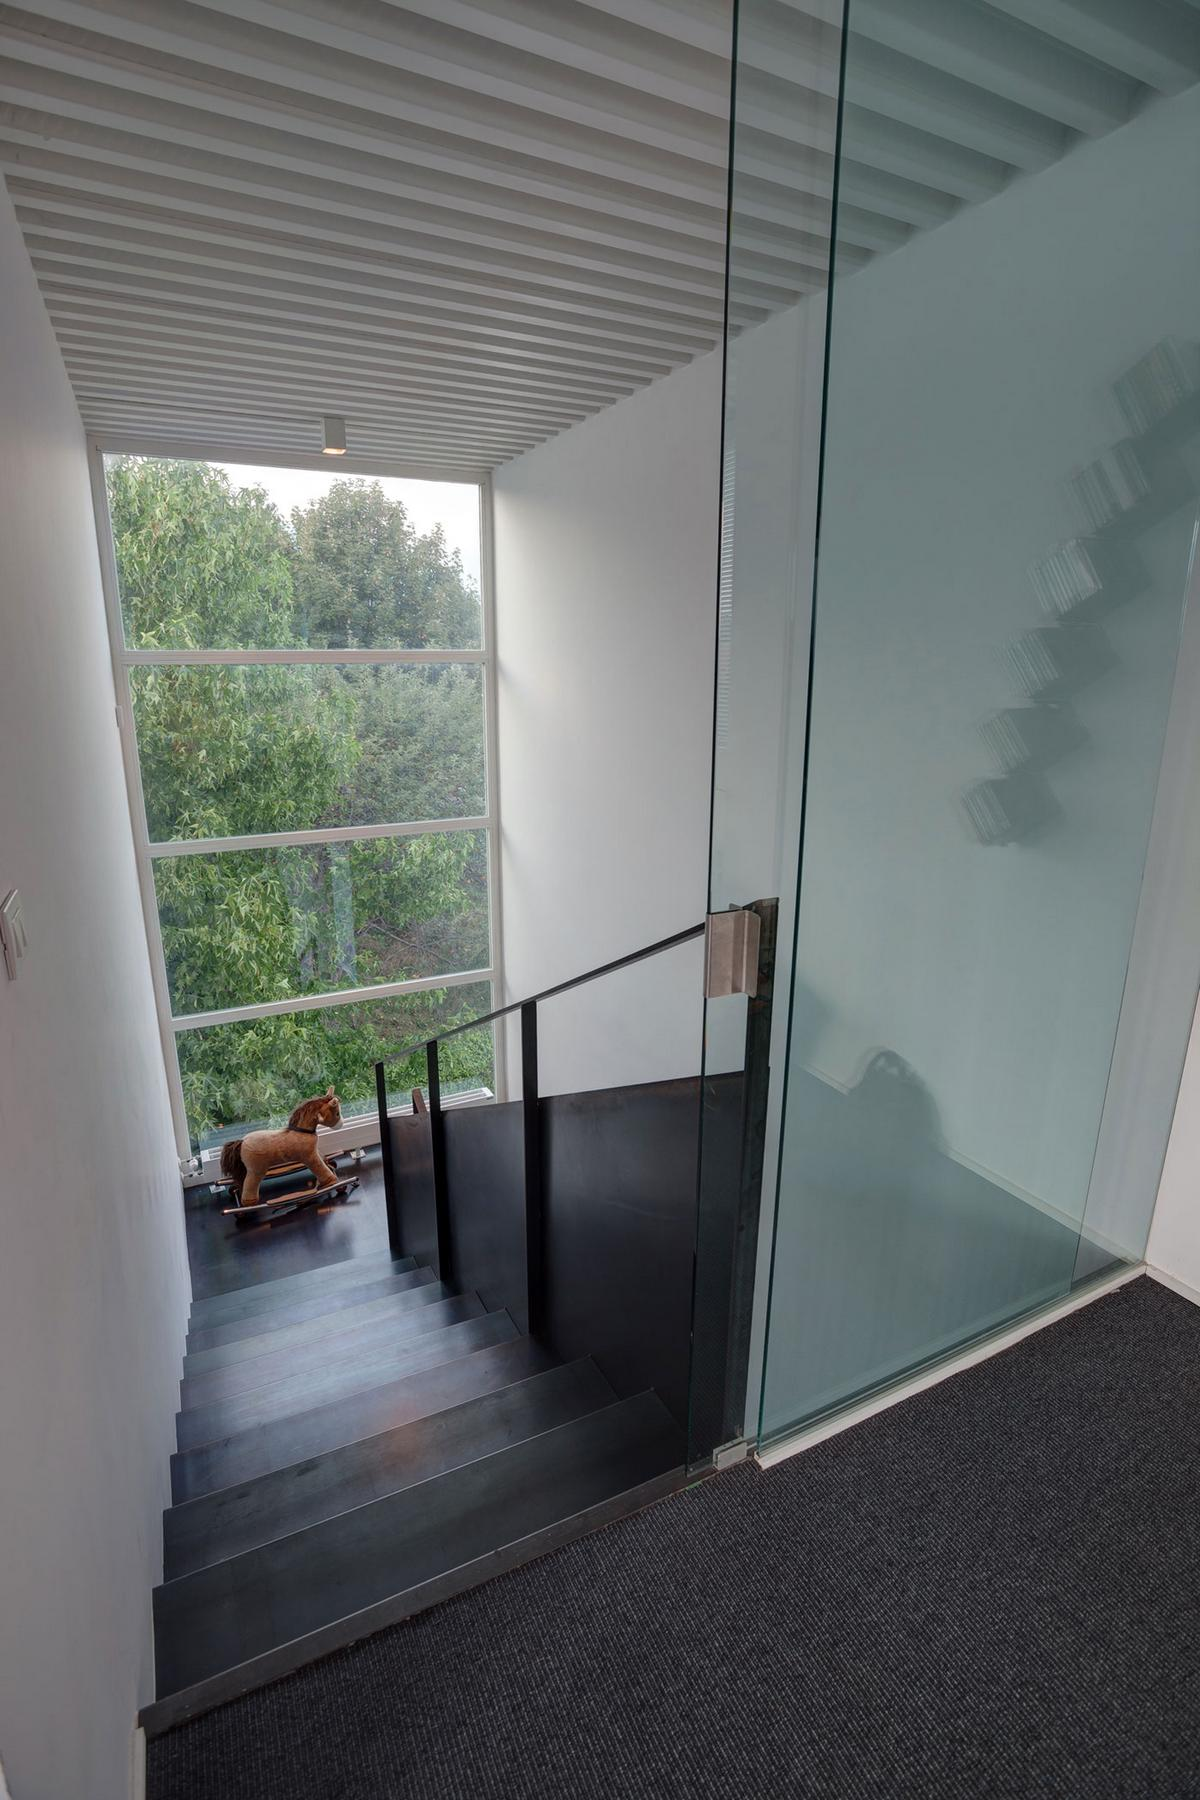 House RV, Federico Delrosso Architects, дом в провинции Бьелла, частный дом в Италии, дом в стиле минимализма, бассейн на крыше дома, терраса с бассейном